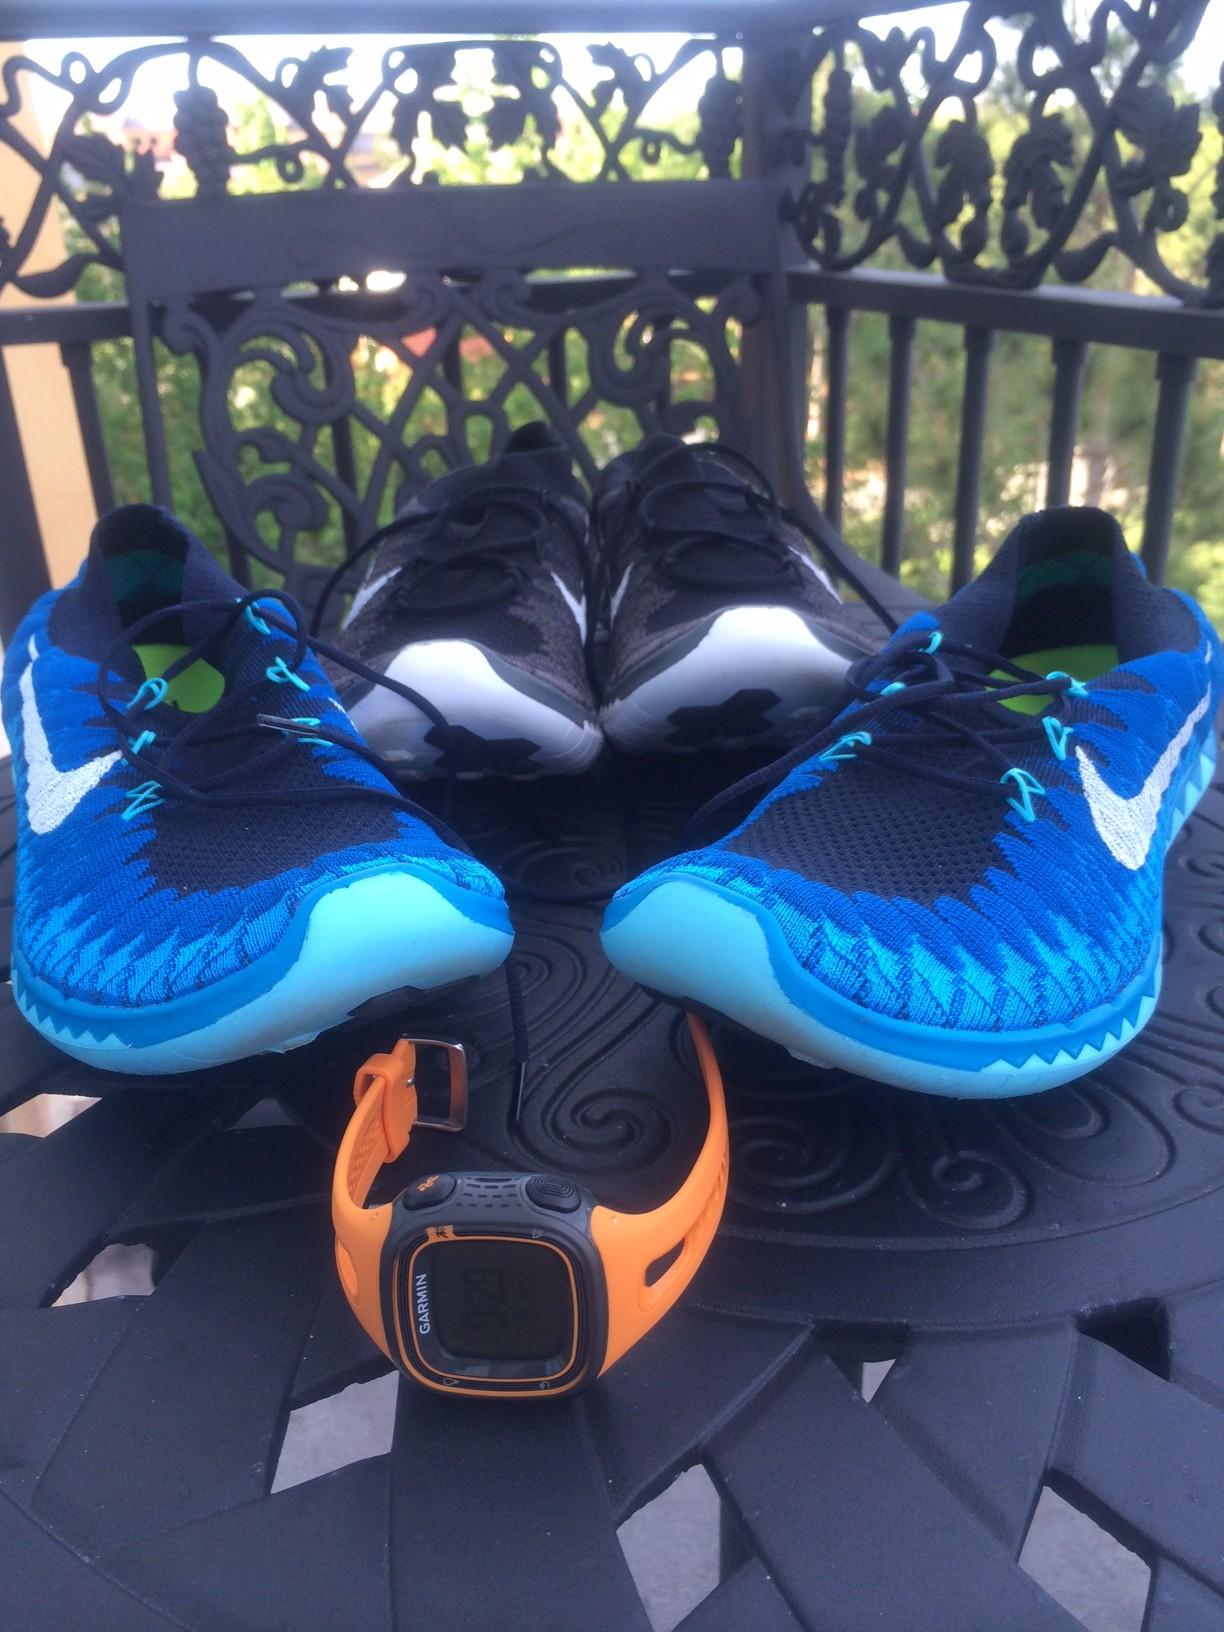 Nike 3.0 + Garmin